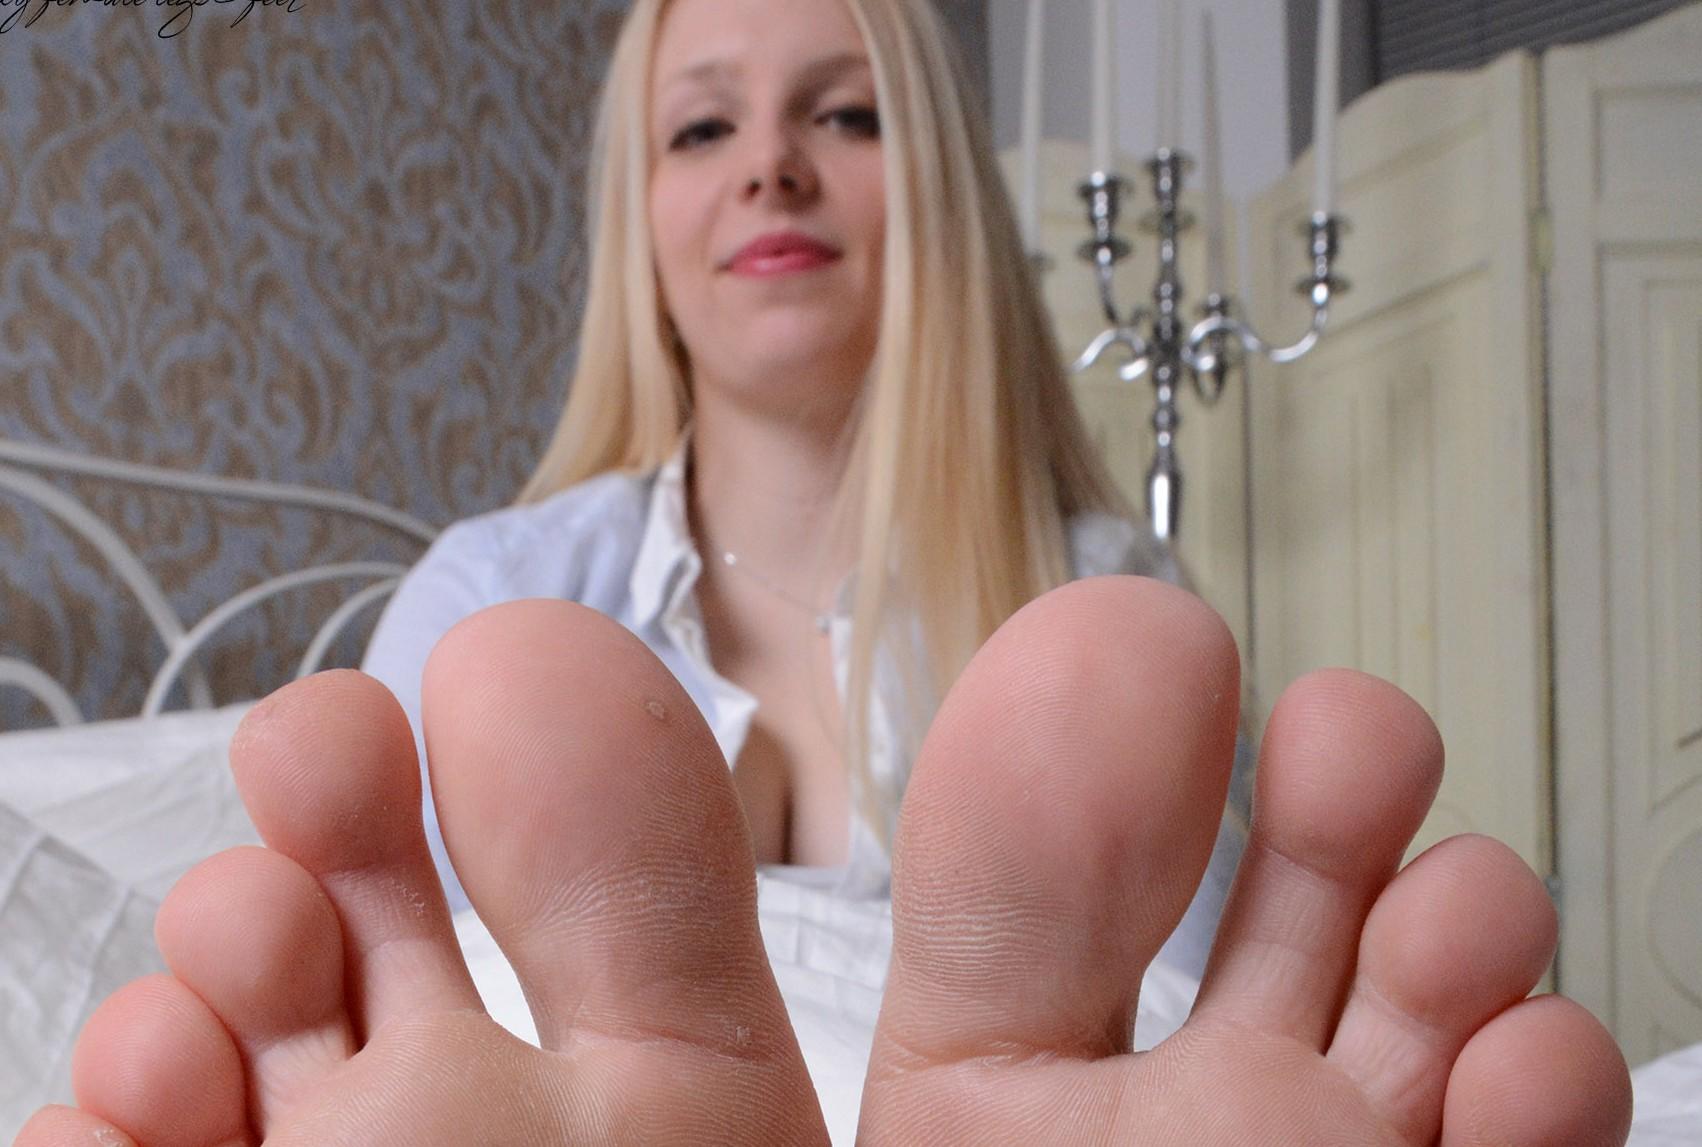 Janines Füße im Schlafzimmer